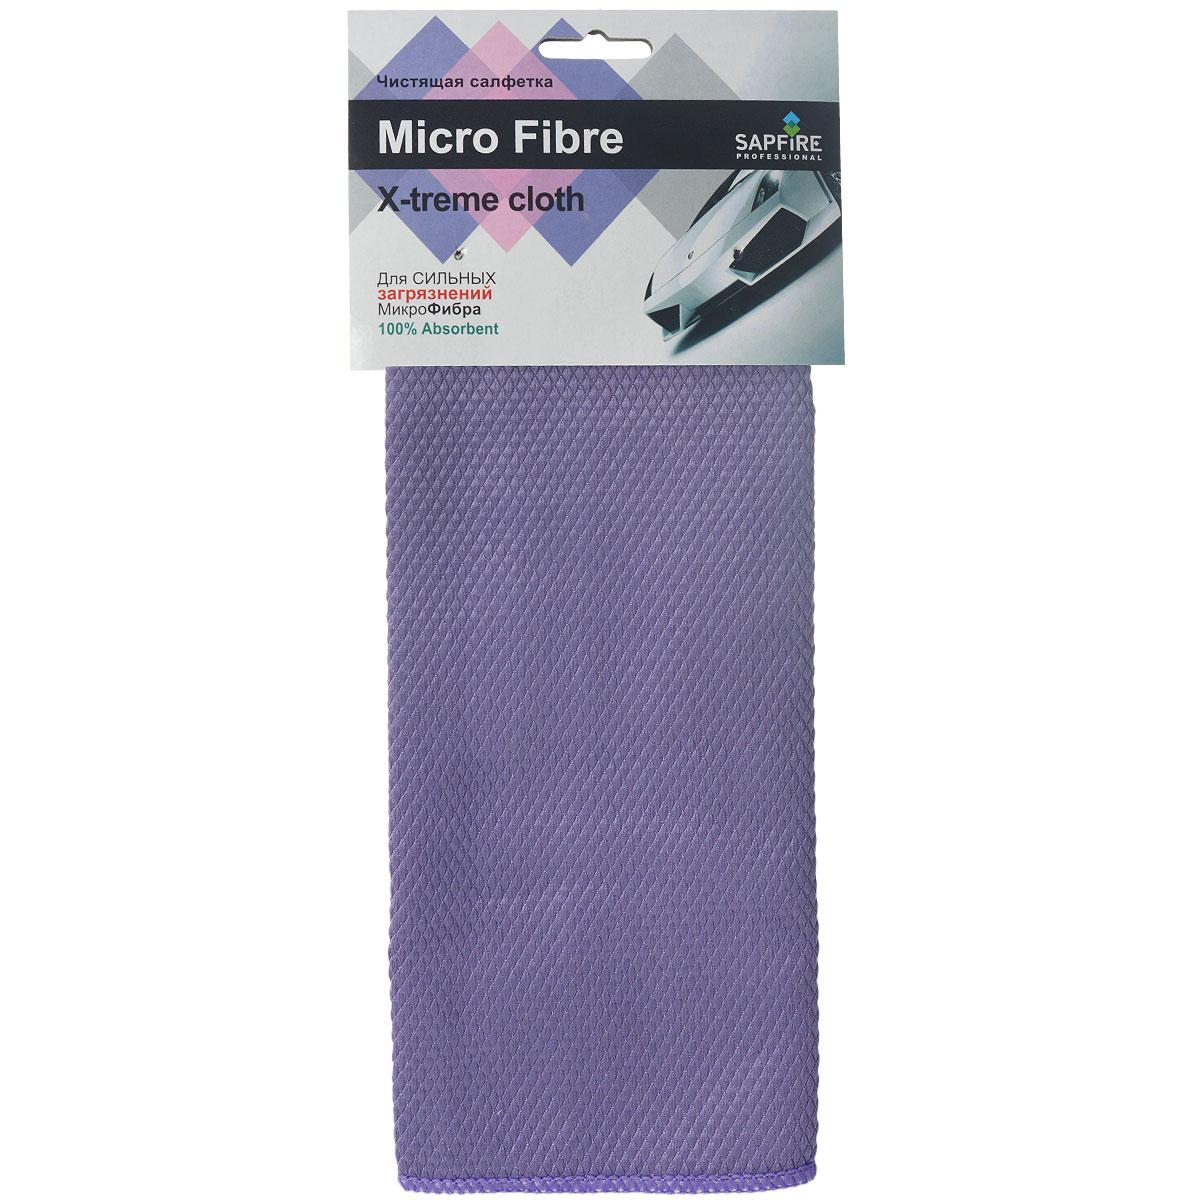 Салфетка чистящая для удаления сильных загрязнений Sapfire, 35 см х 40 см3023-SFMПрекрасное средство Sapfire предназначено для бережной очистки от сильных загрязнений. Великолепно удаляет пыль и грязь с любой поверхности. Клиновидные микроскопические волокна захватывают и легко удерживают частички пыли, жировой и никотиновый налет, микроорганизмы, в том числе болезнетворные и вызывающие аллергию. Материал салфетки (микрофибра) обладает уникальной способностью быстро впитывать большой объем жидкости (в 8 раз больше собственной массы). Салфетка великолепно моет и сушит. Протертая поверхность становится идеально чистой, сухой, блестящей, без разводов и ворсинок.